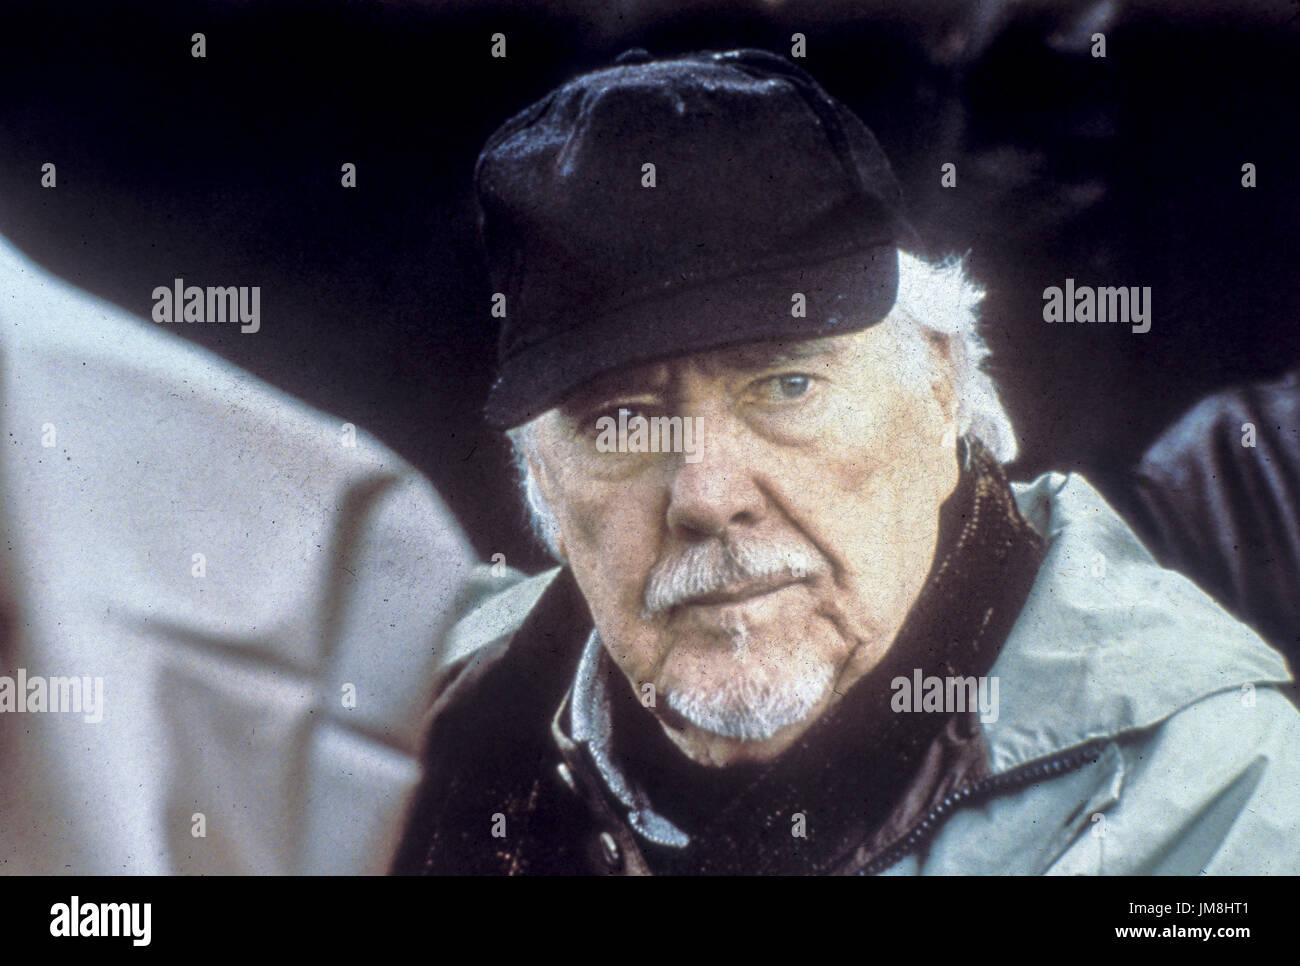 robert altman, gosford park, 2001 - Stock Image